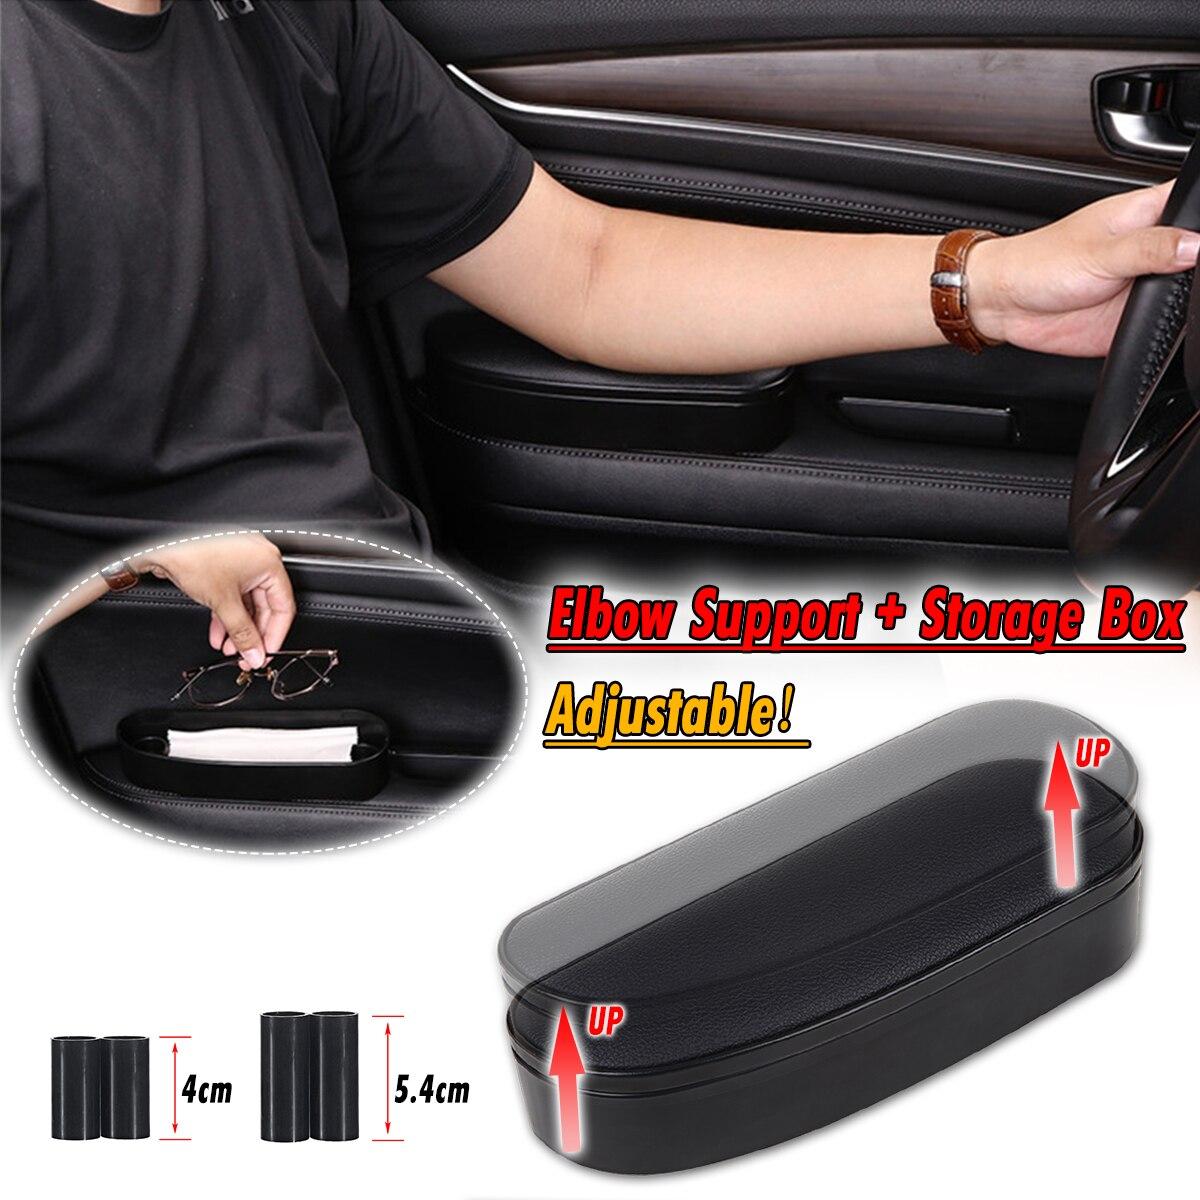 3 en 1 anti-dérapant tapis boîte de rangement réglable voiture coude Support main gauche accoudoir Support Anti-fatigue pour voyage repos soutien